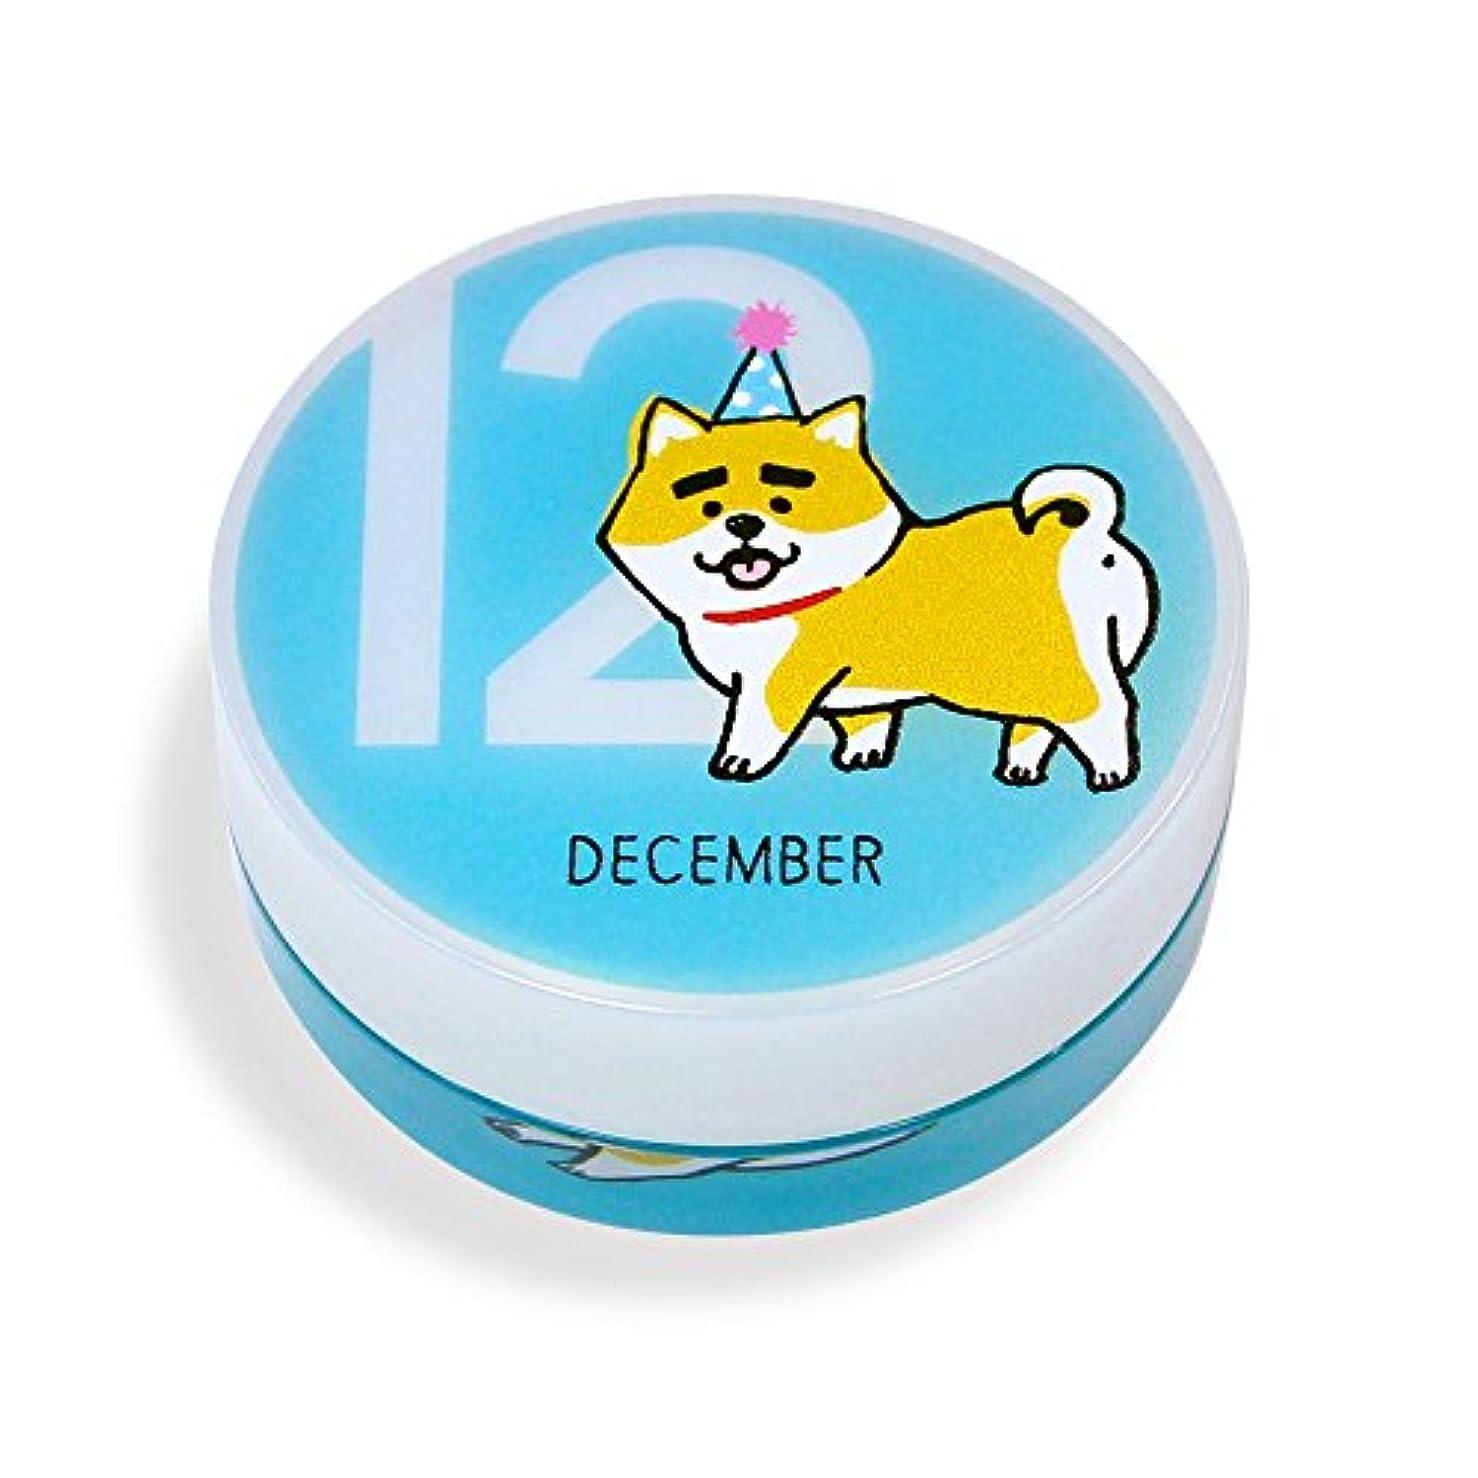 セーターモスクアンプしばんばん フルプルクリーム 誕生月シリーズ 12月 20g